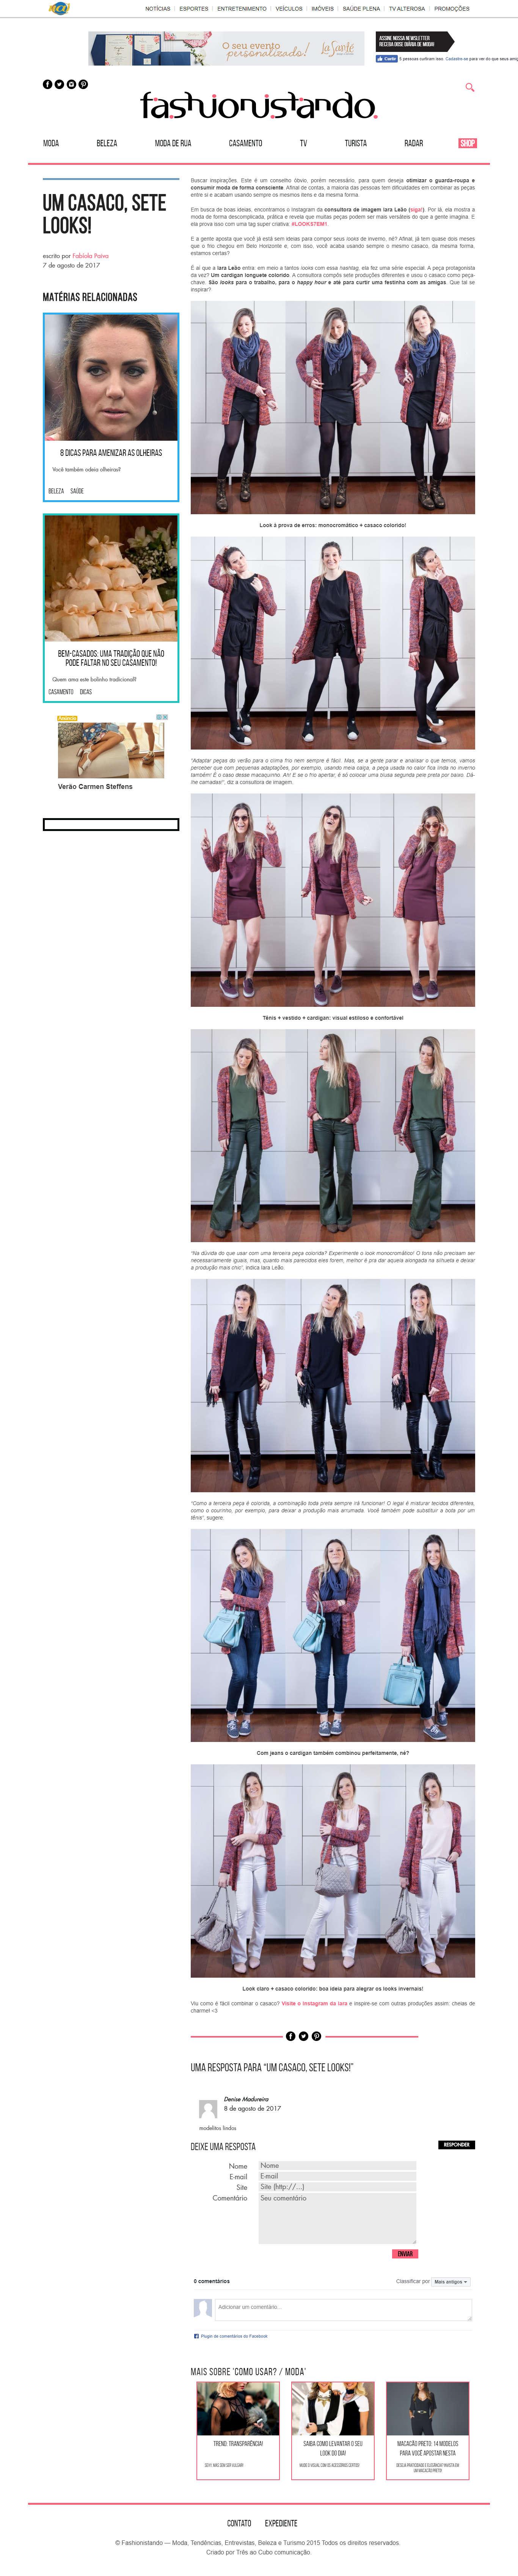 fireshot-capture-1-um-casaco-sete-looks-fas_-http___fashionistando-com_um-casaco-sete-looks_